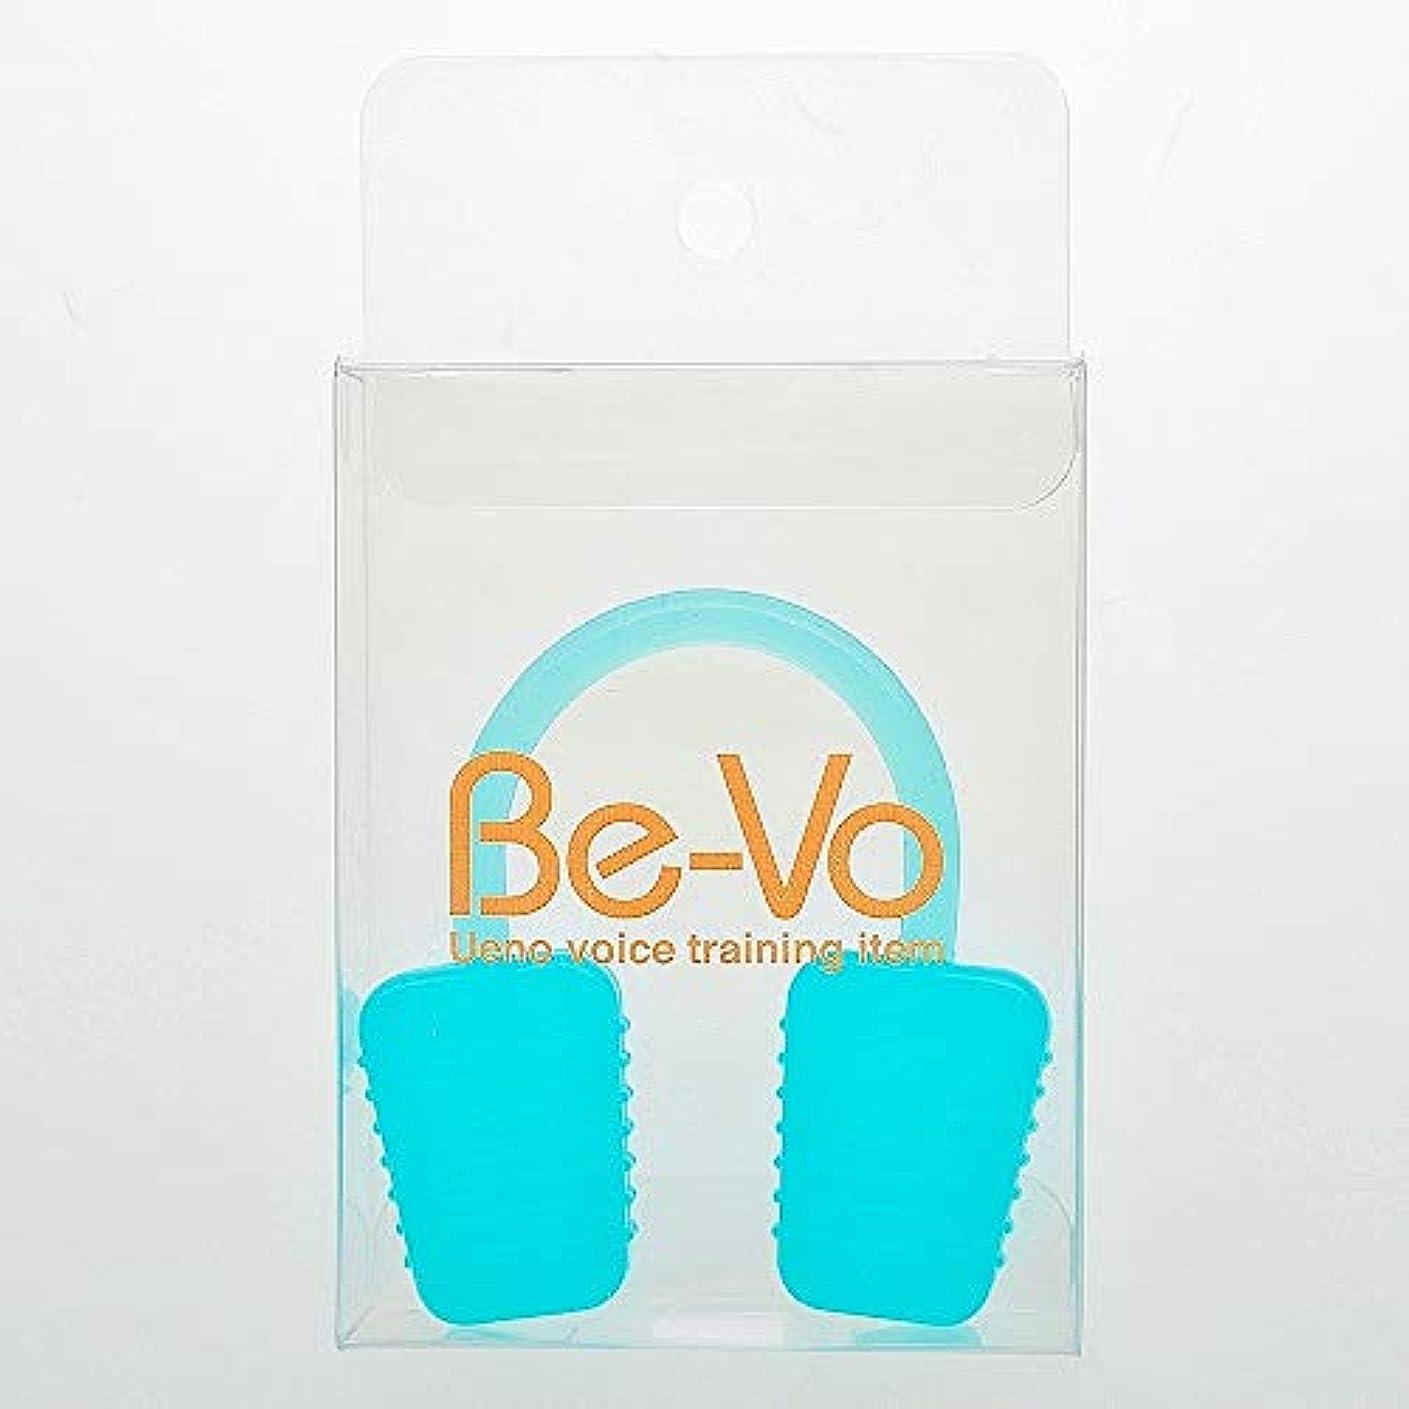 電話反論君主Be-Vo (ビーボ) ボイストレーニング器具 自宅で簡単ボイトレグッズ (ブルー)